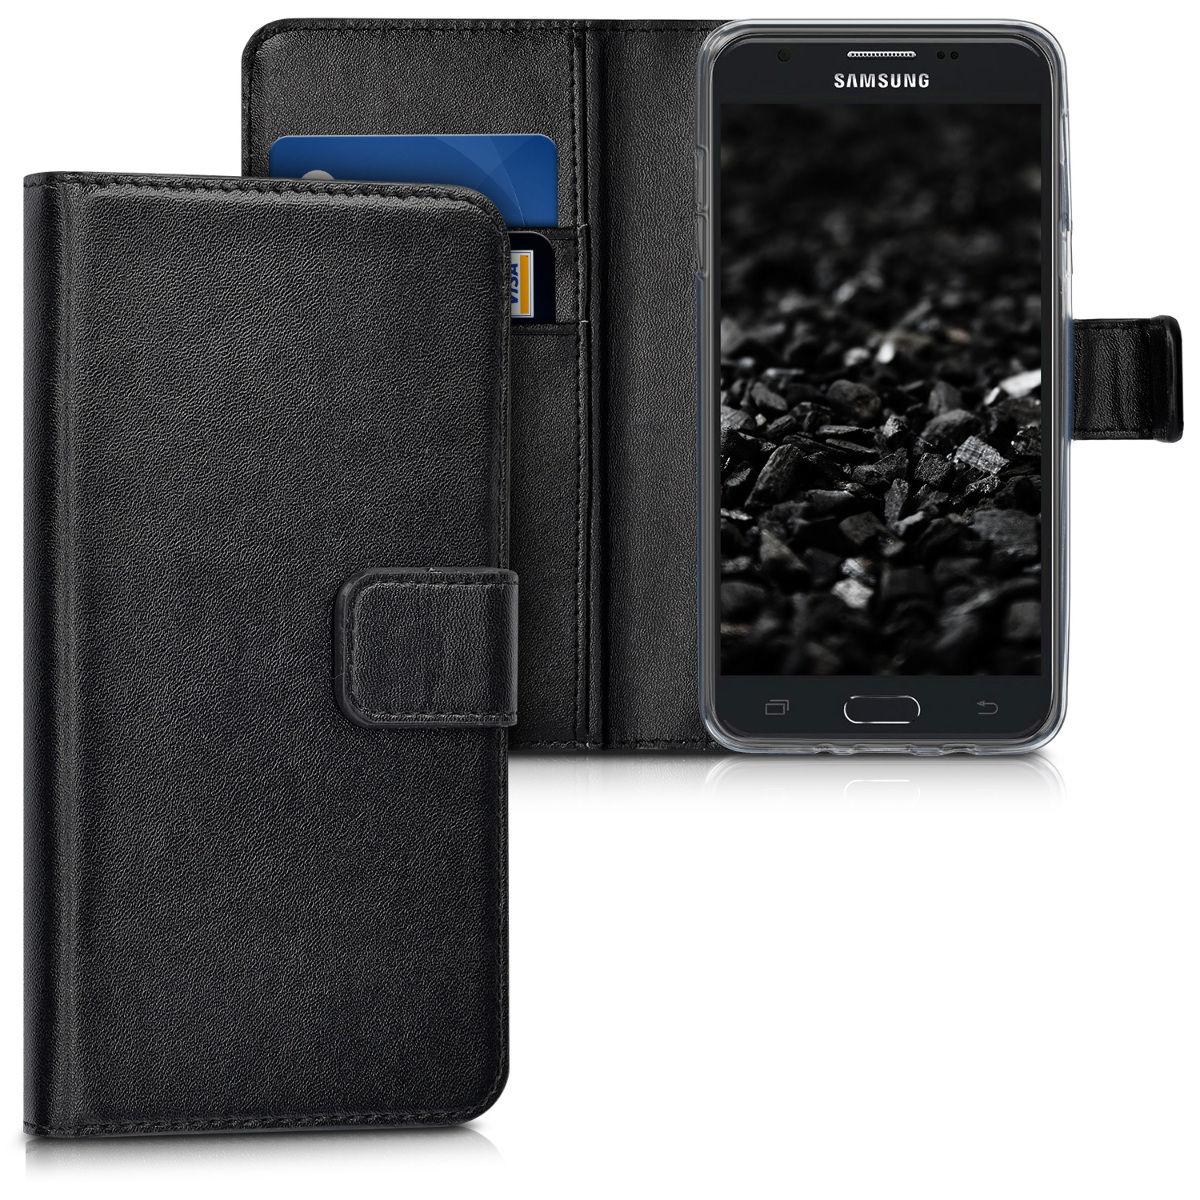 Pouzdro pro Samsung Galaxy J5 (2017) černé